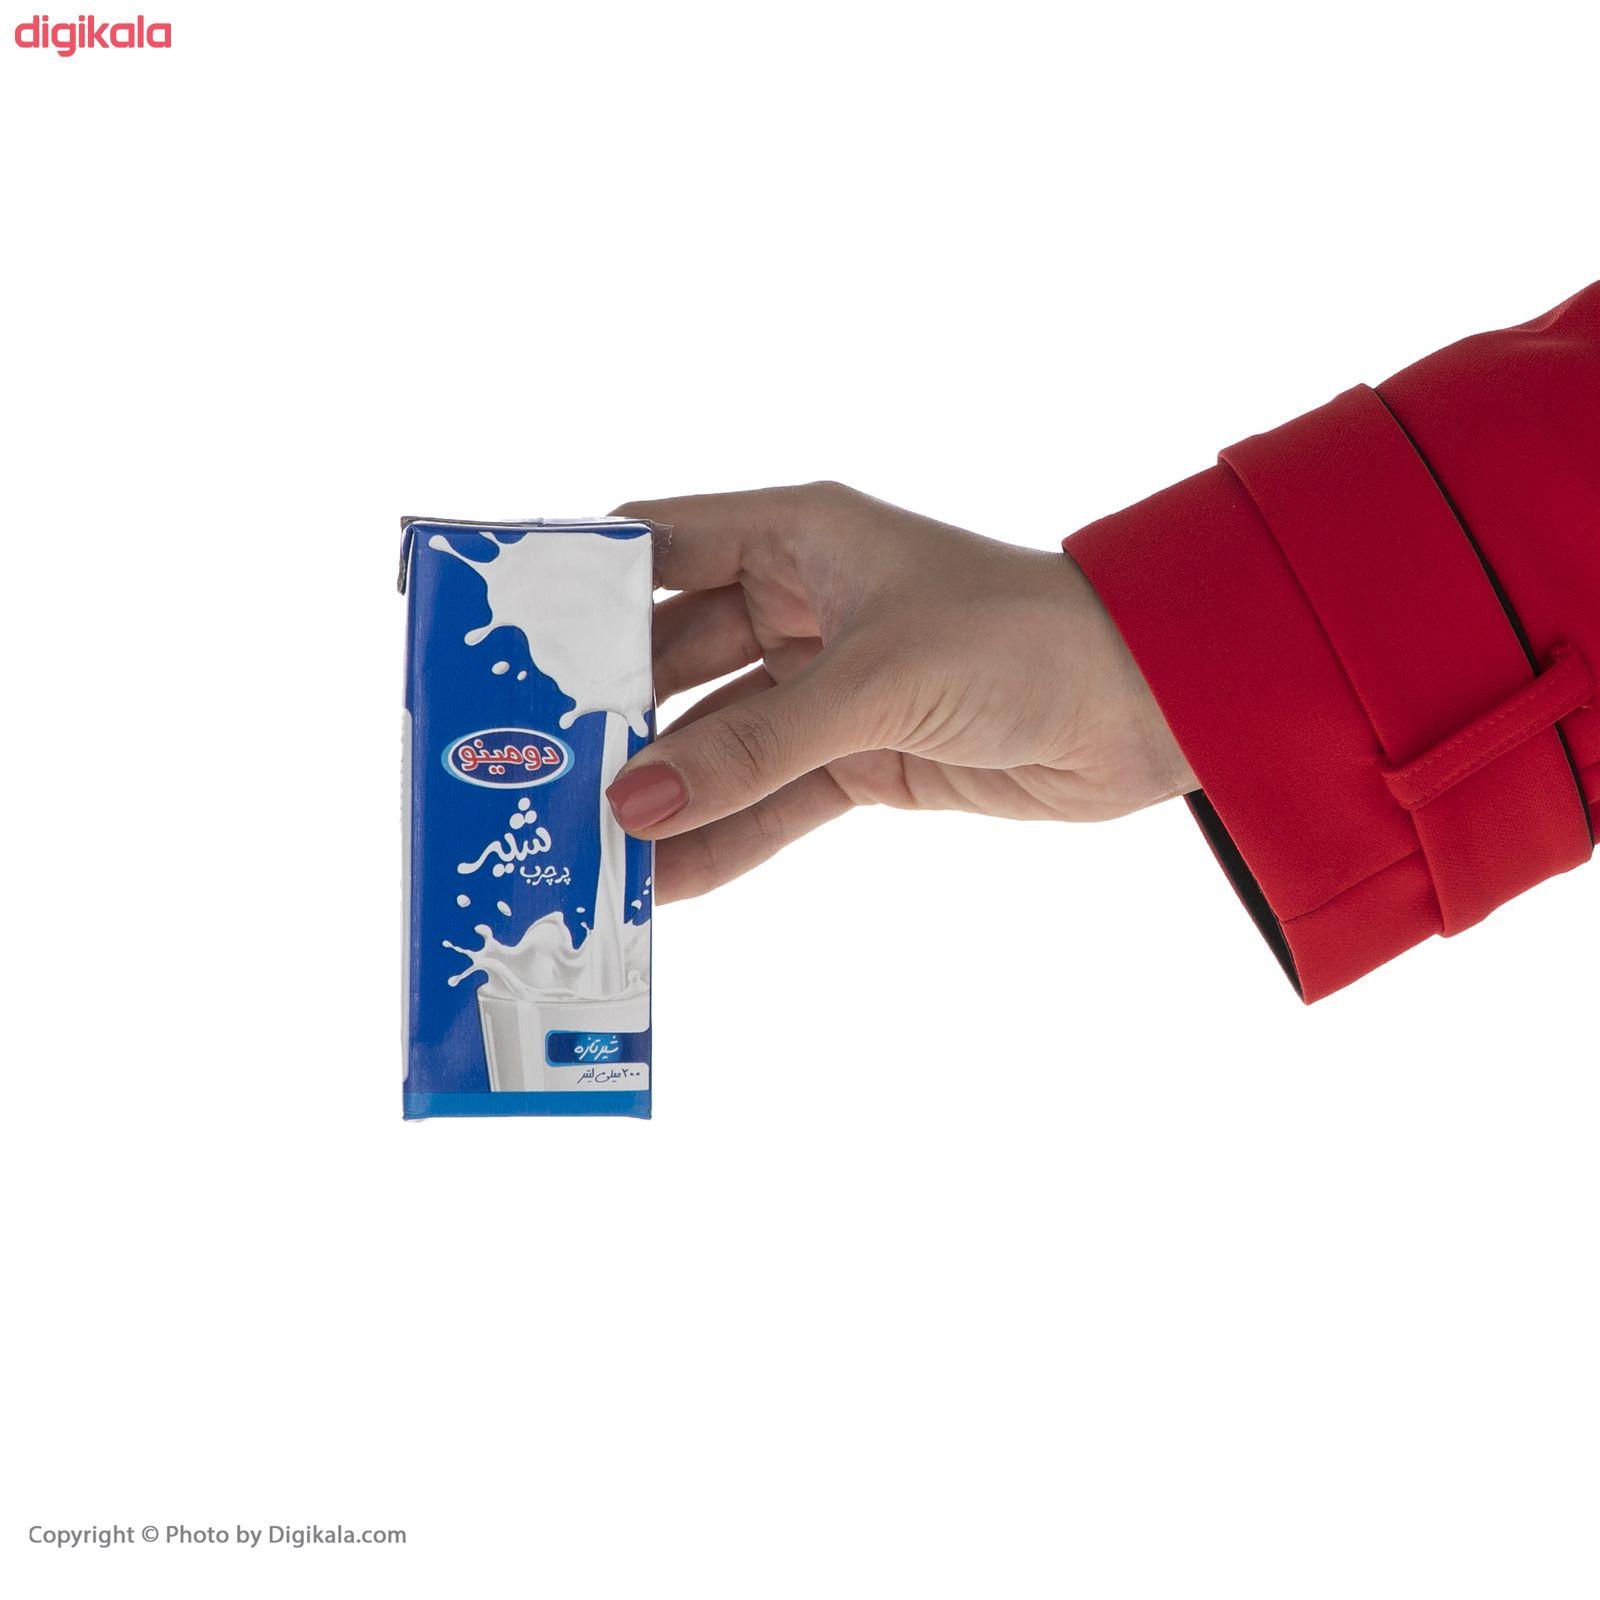 شیر پر چرب دومینو - 0.2 لیتر  بسته 6 عددی main 1 7